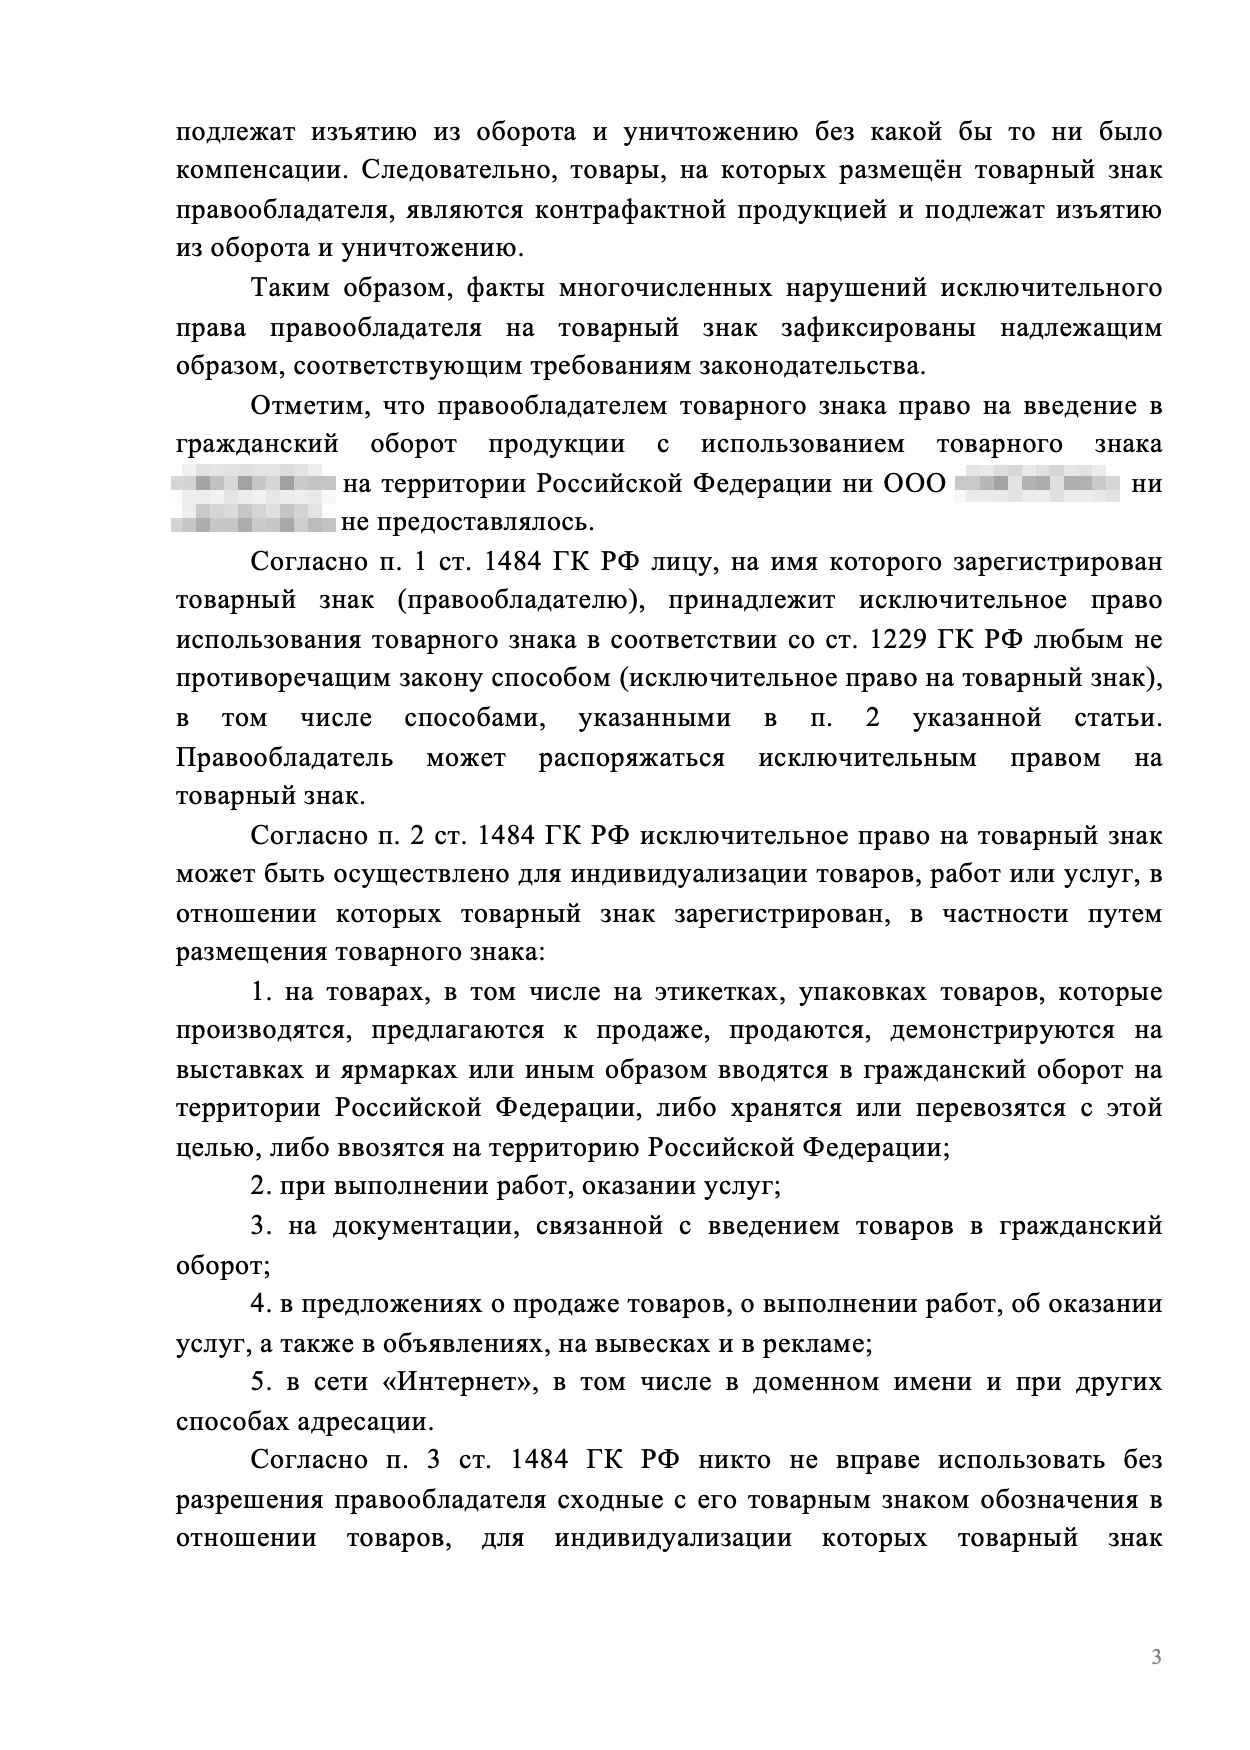 Пример основательной претензии. Этот документ на пять страниц — результат недельной работы юриста. Если вместо этой работы скопировать чужую претензию и поставить подпись, результат может оказаться неожиданным